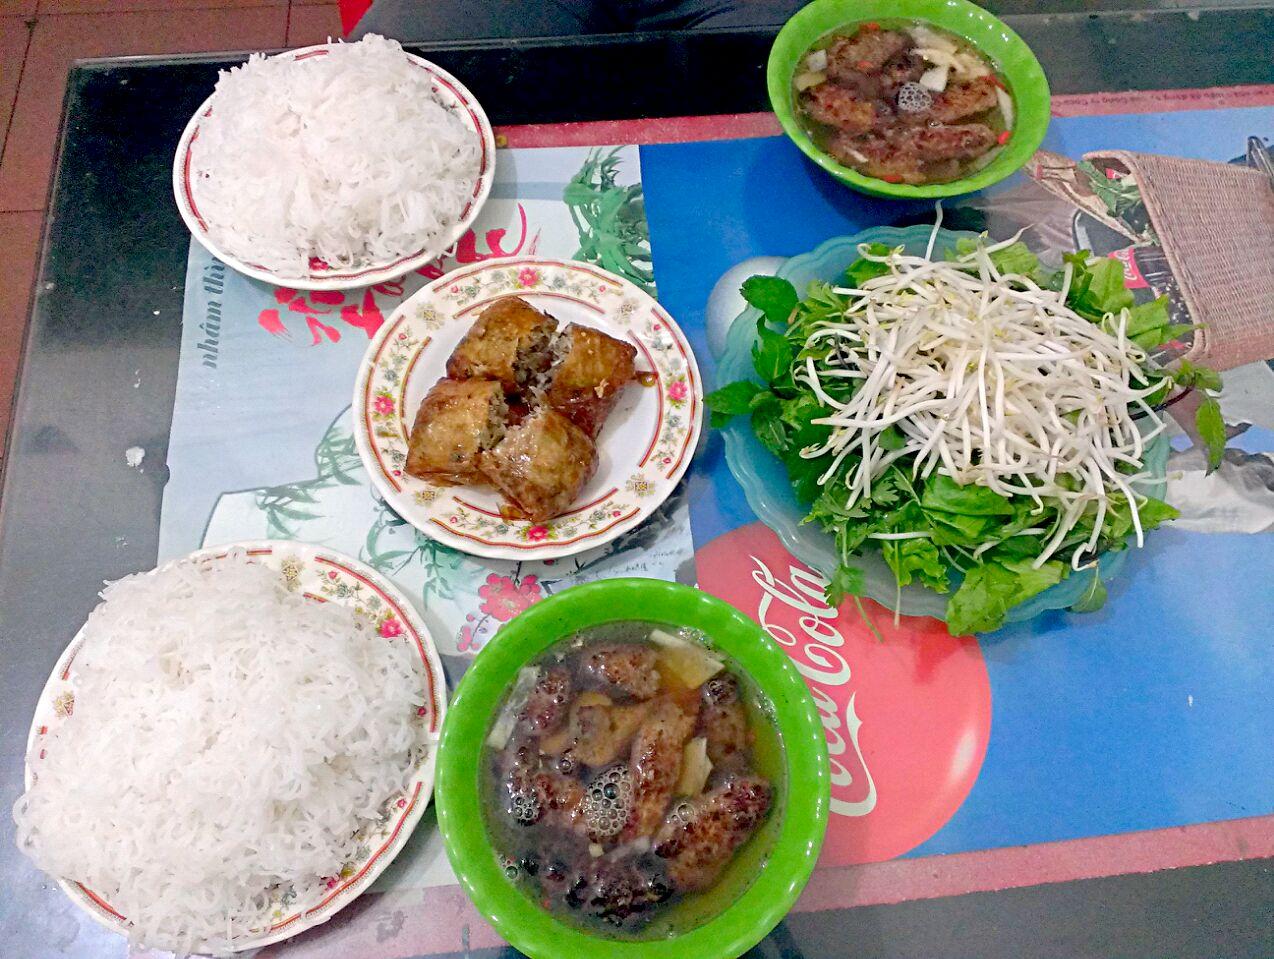 日本人好み!現地で食べたい絶品ベトナム料理16選の画像